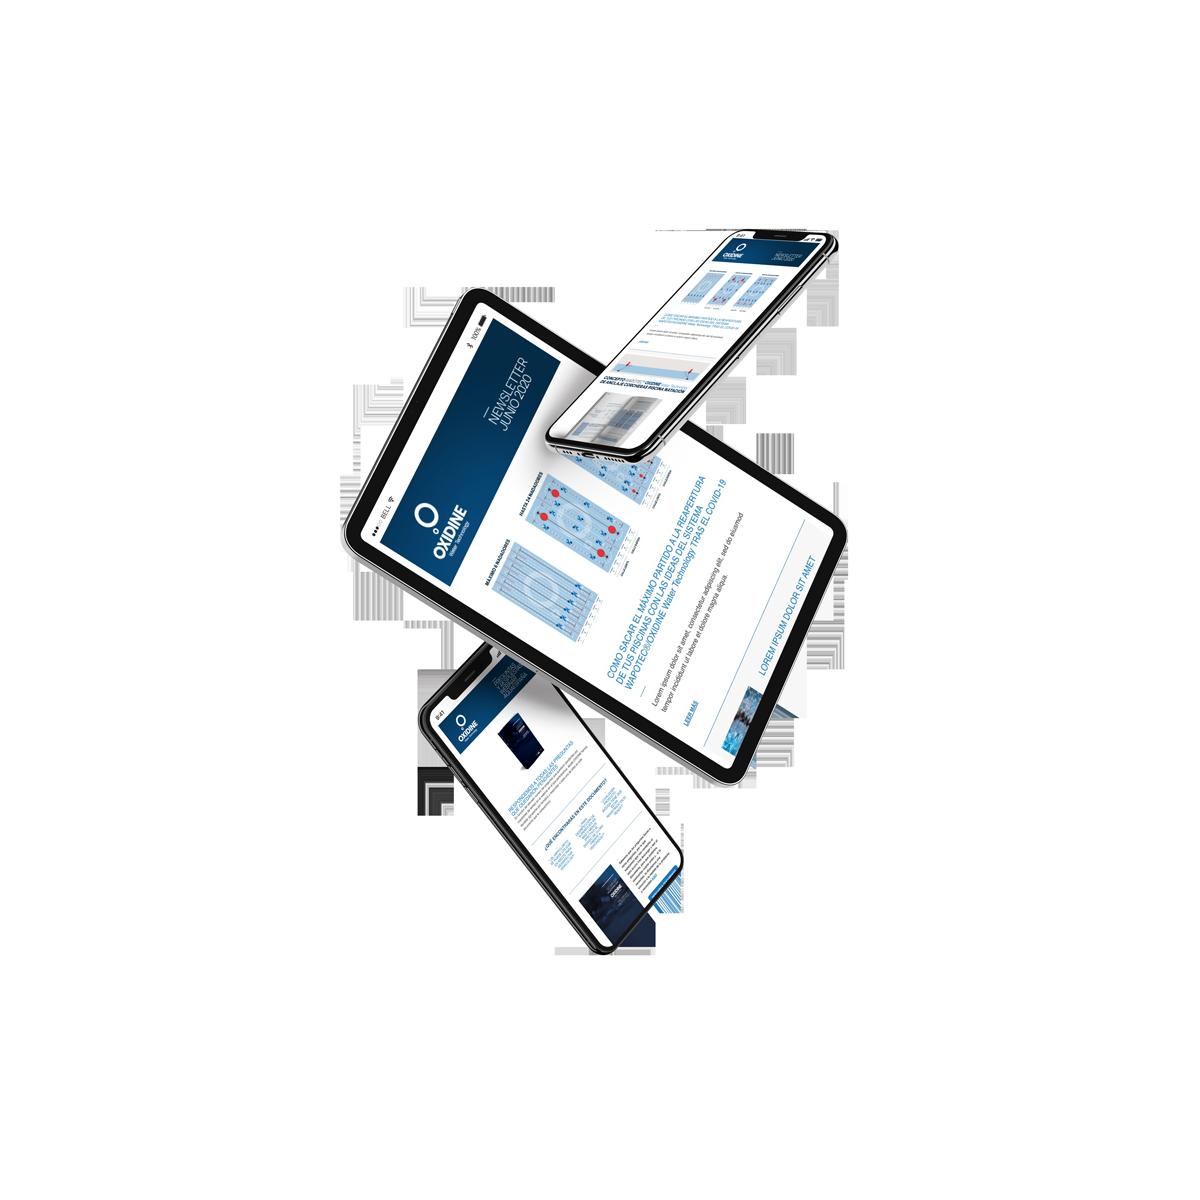 CTA-NEWSLETTER-WEB-SOLID-Oº-MOCKUPS-X3-SQUARE-TRANS